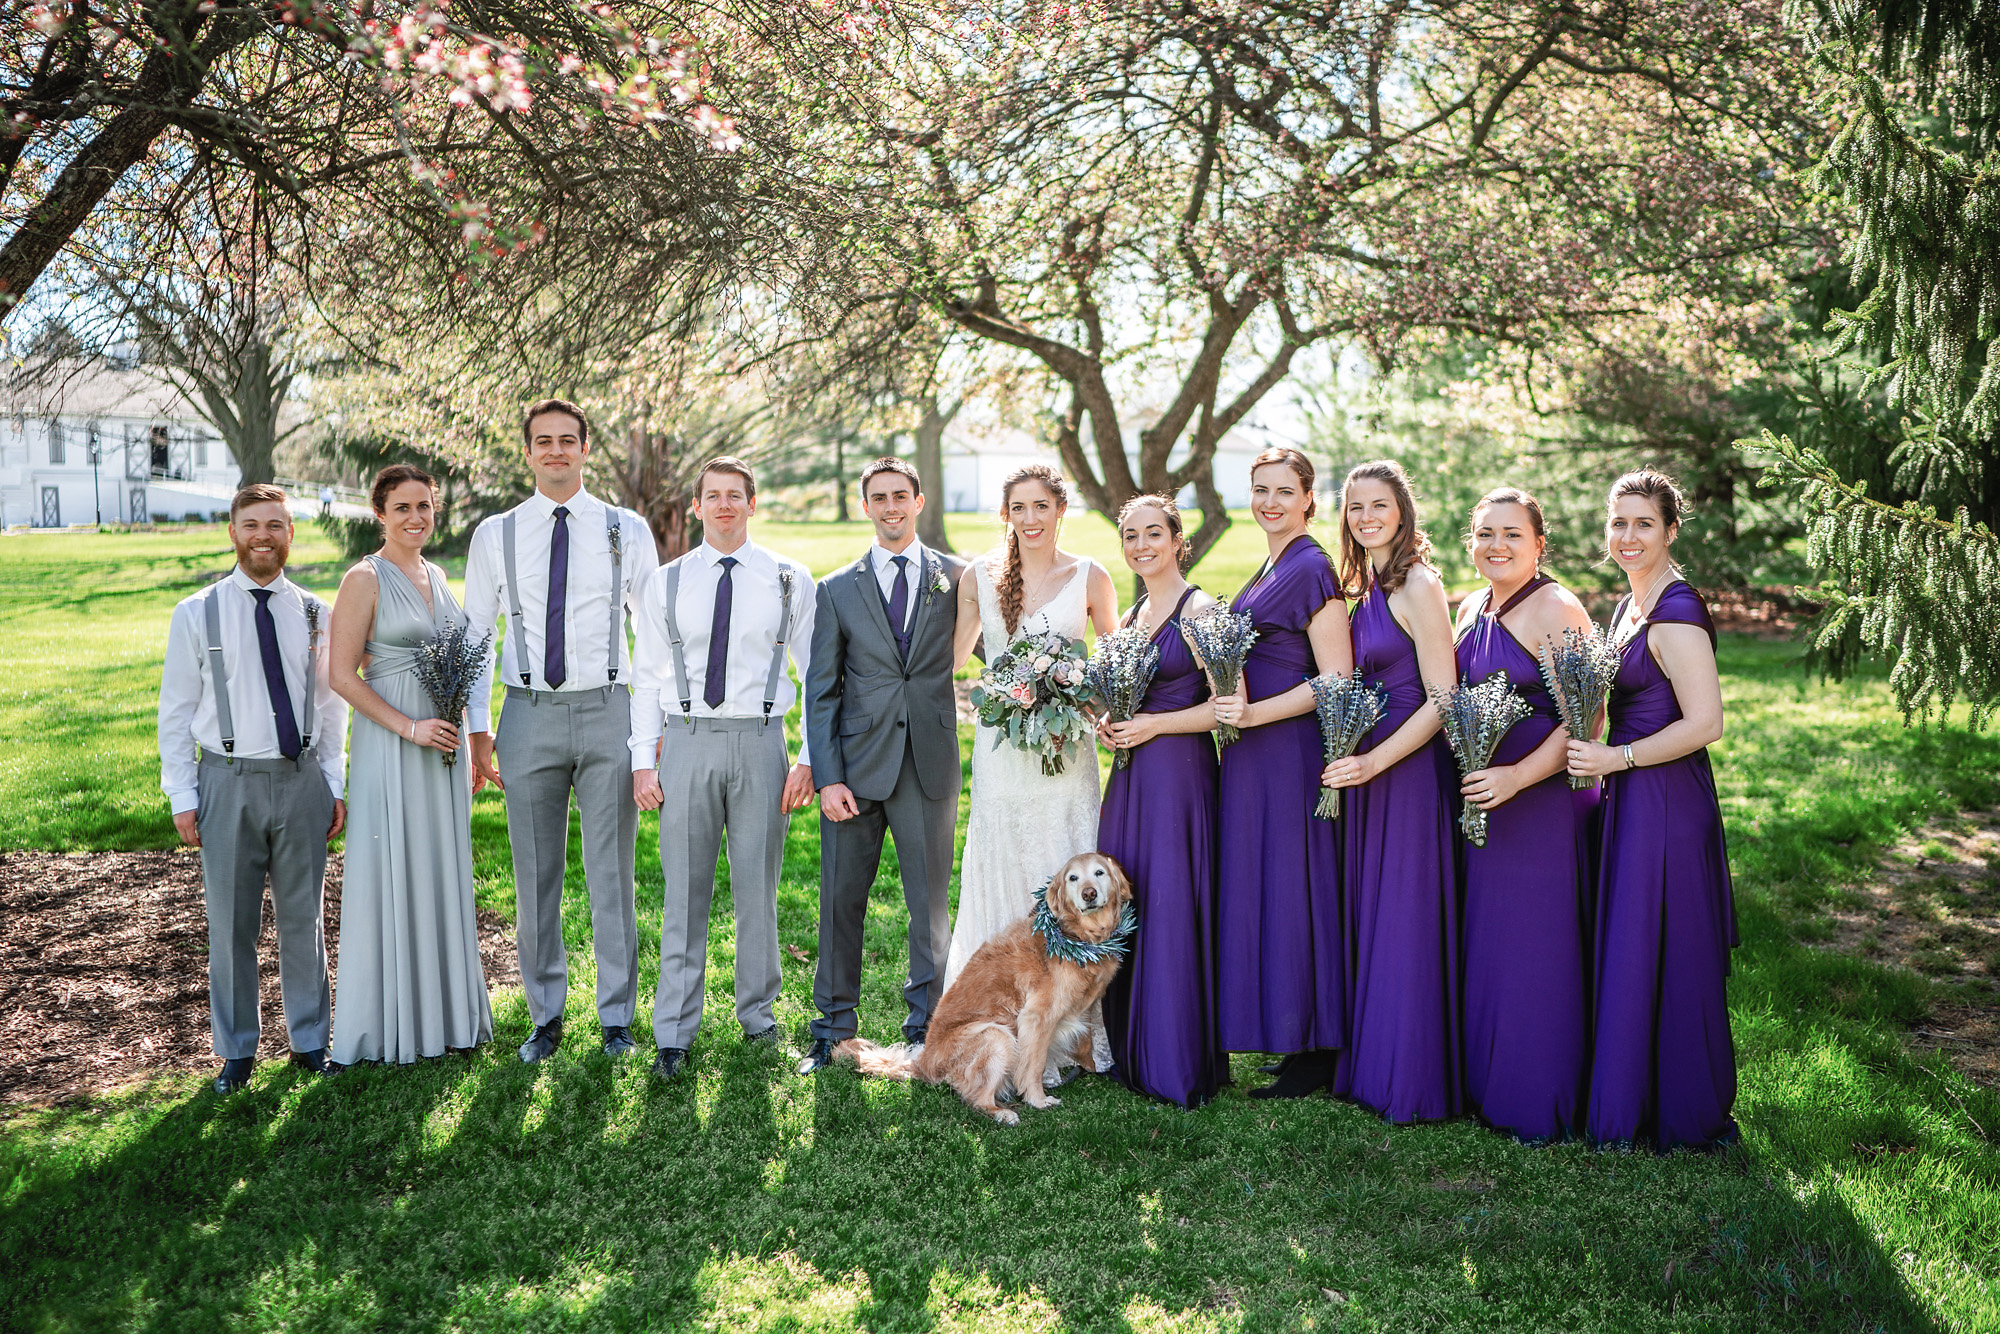 Polen-Farm-Wedding-Photos-38.jpg